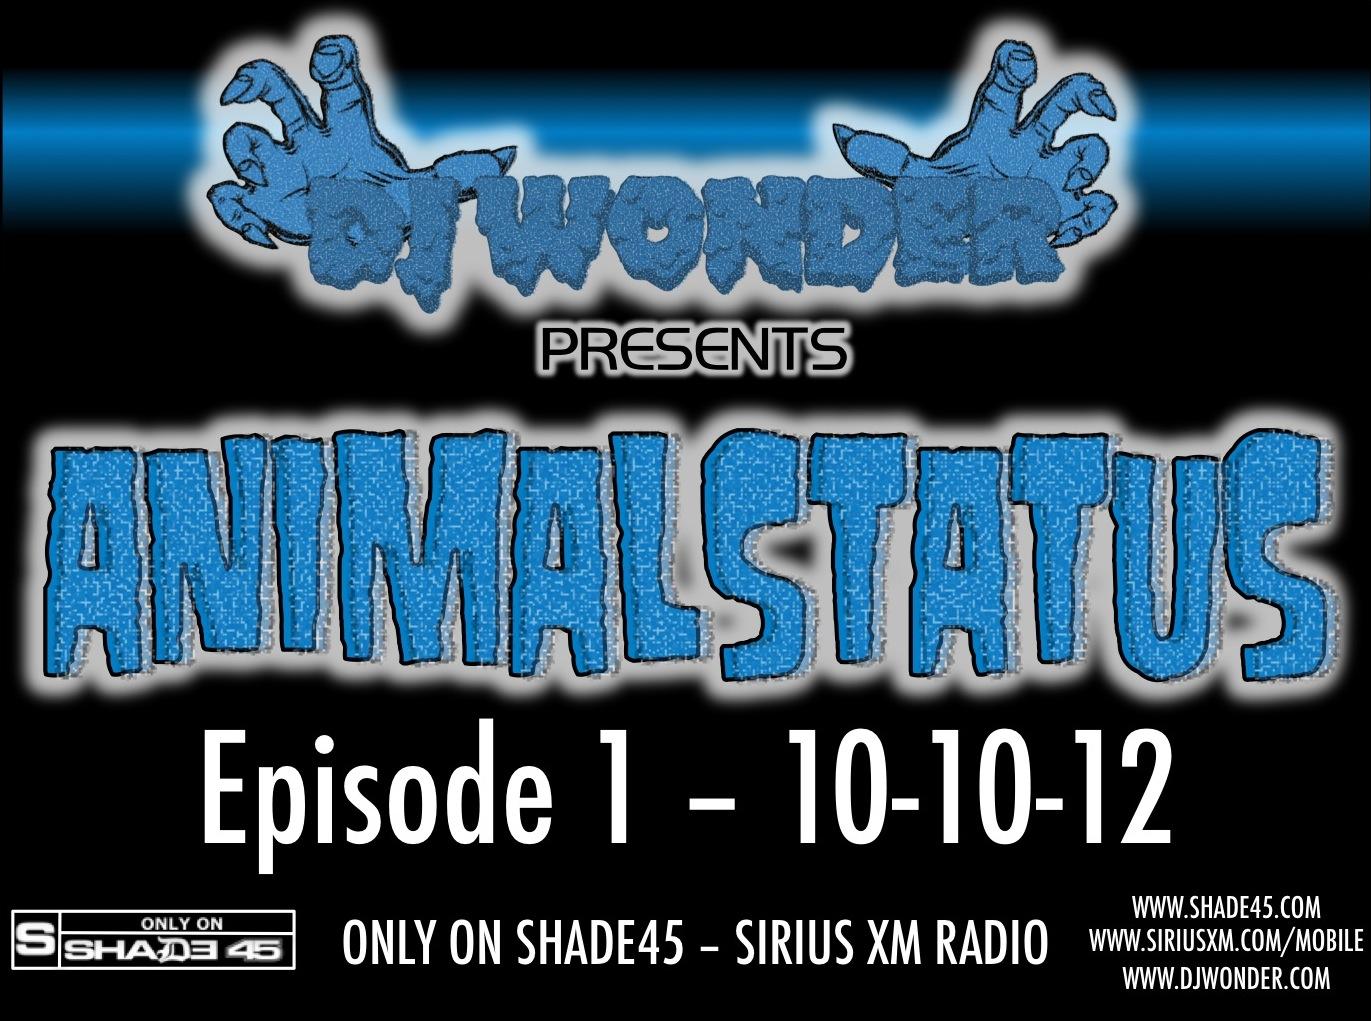 Animalstatus Episode 1 Tracklist Dj Wonder